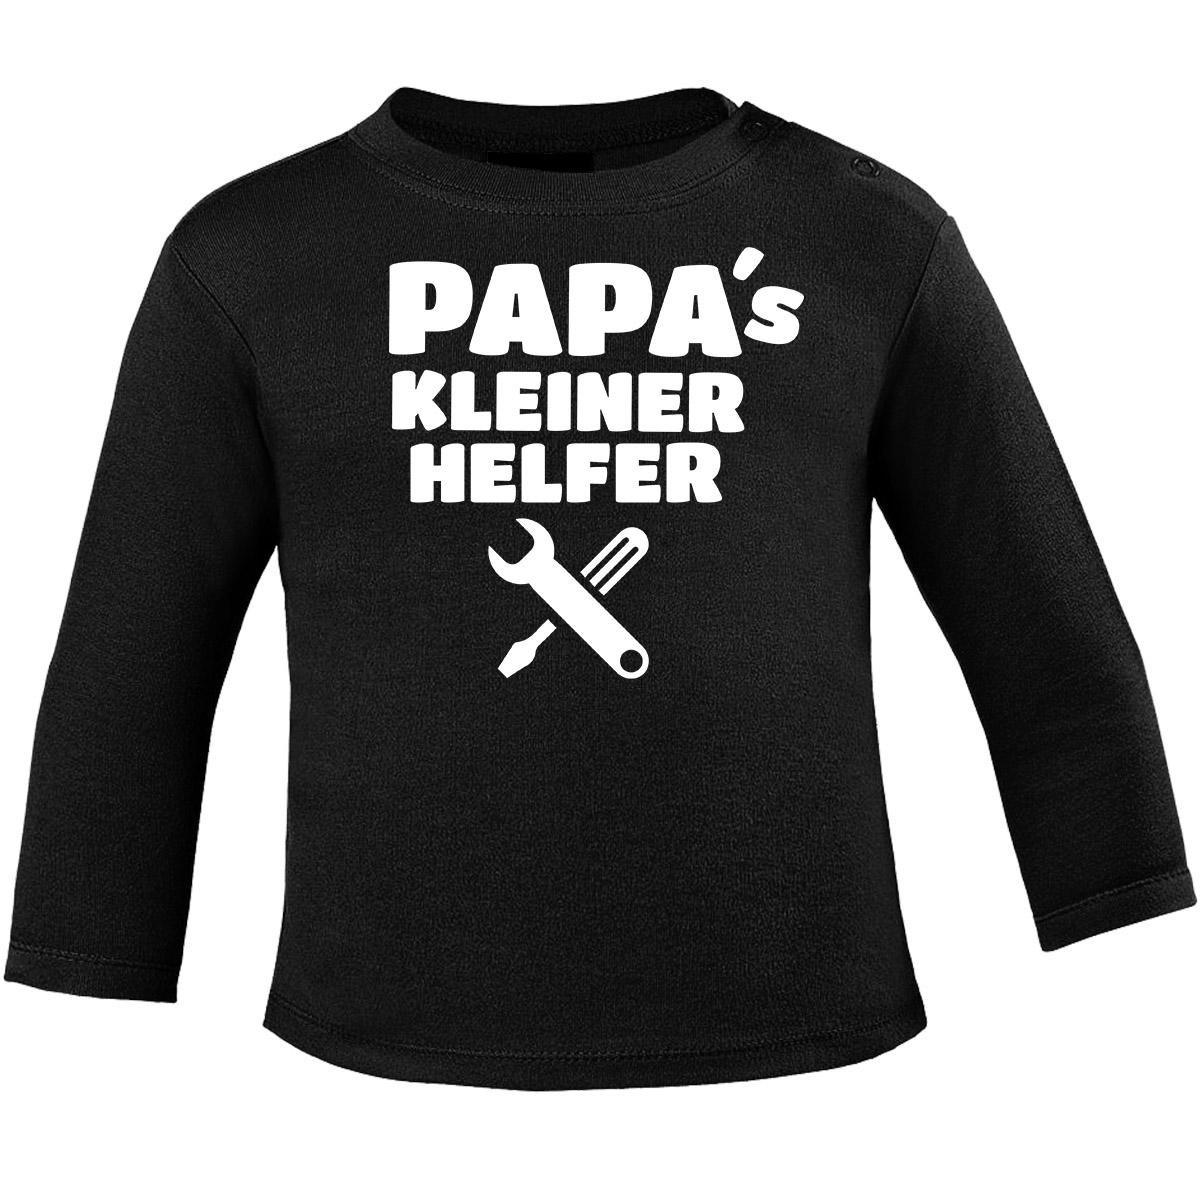 Mikalino Baby Longsleeve Papa s Kleiner Helfer